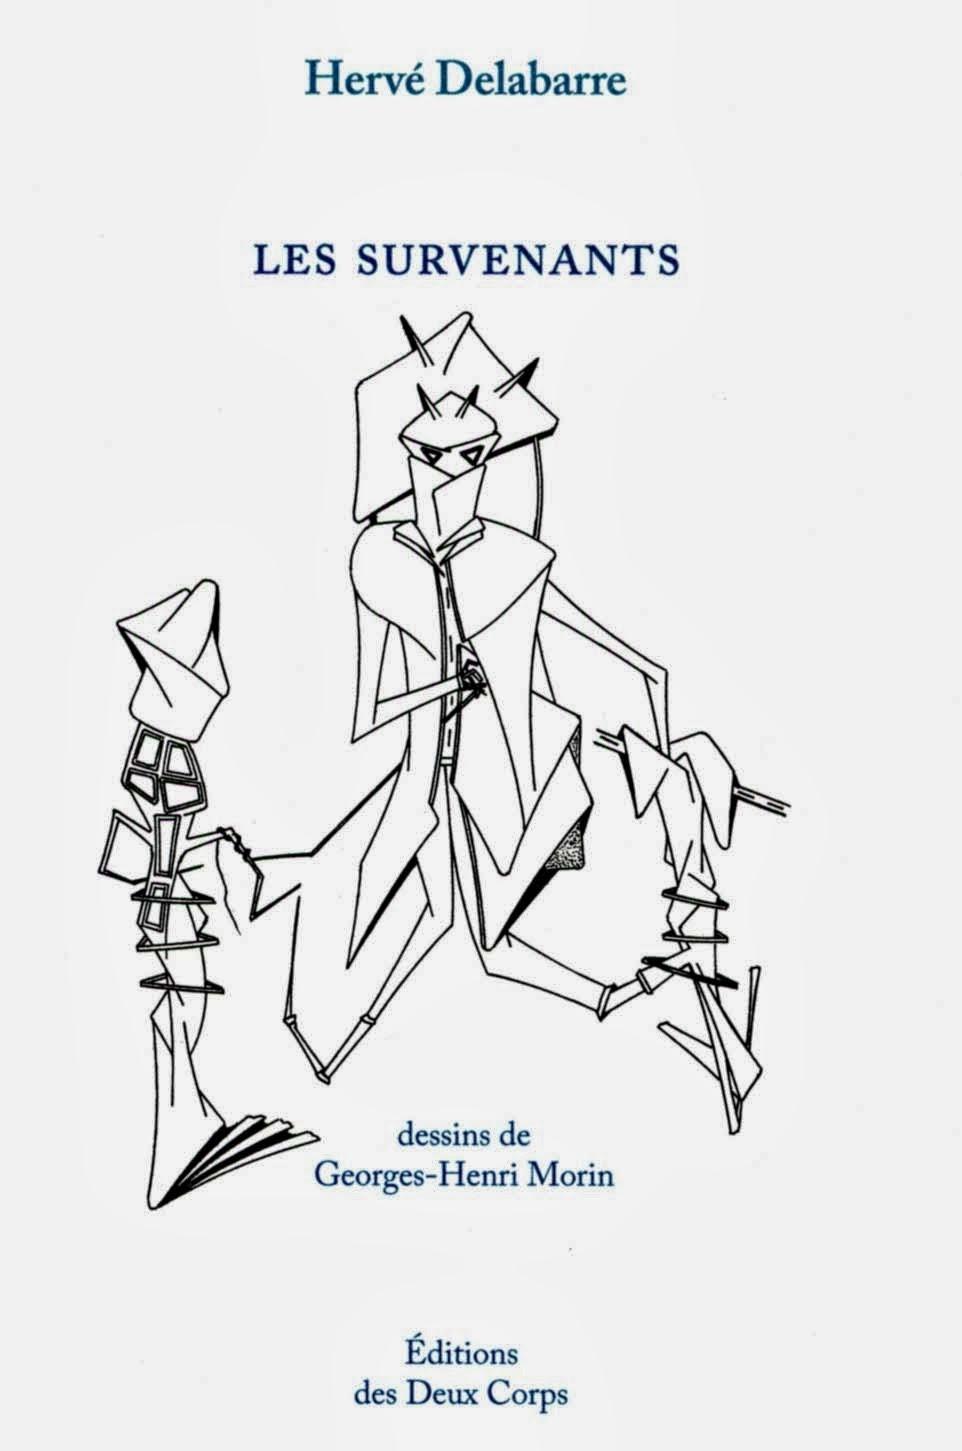 Hervé DELABARRE, LES SURVENANTS, Dessins de Georges-Henri MORIN, ÉDITIONS des DEUX CORPS